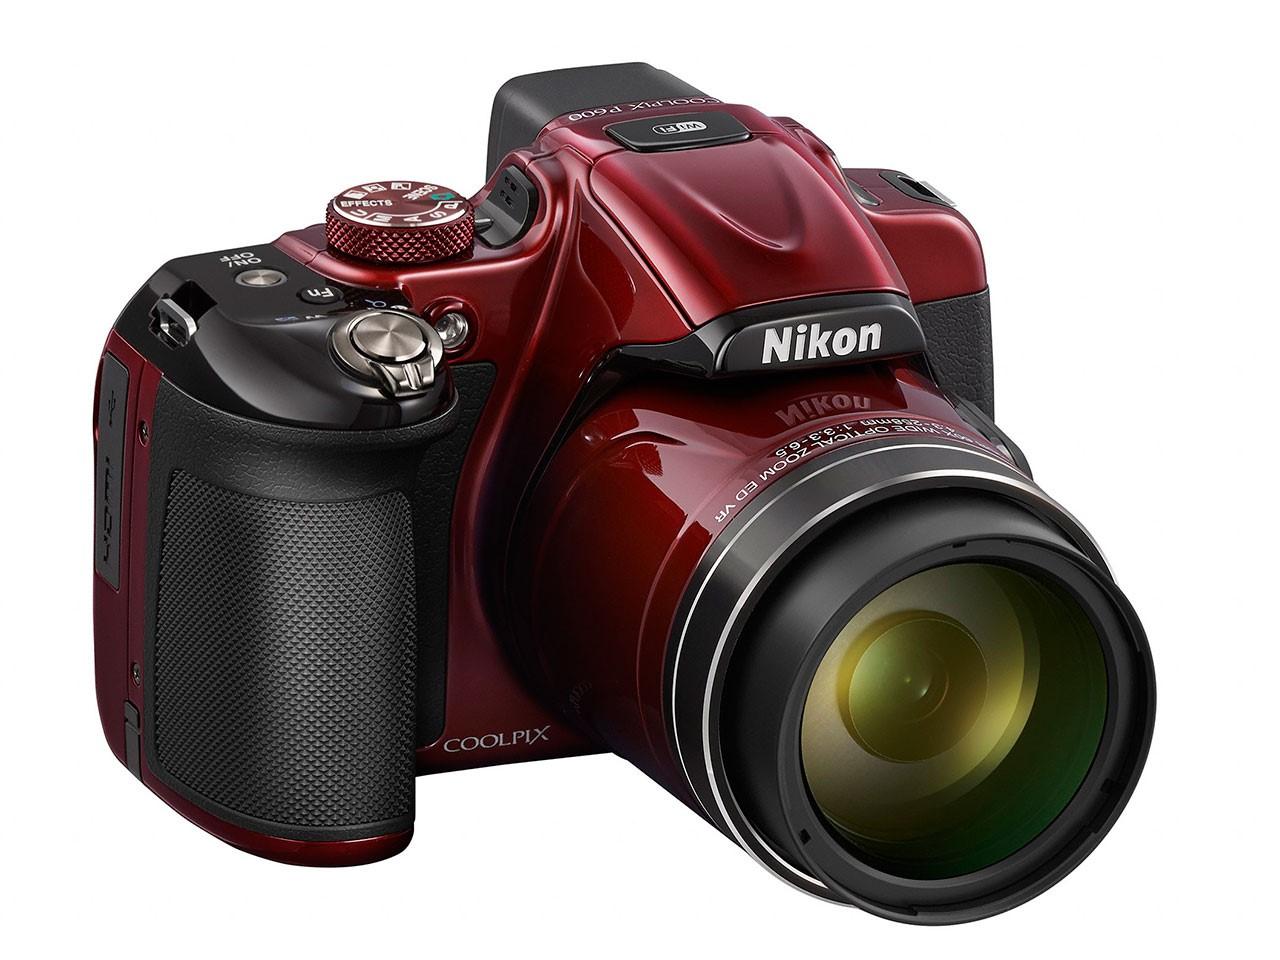 Pleasing Nikon Pix Nikon Pix Release Nikon Pix S9700 Flash Problem Nikon Pix S9700 Battery dpreview Nikon Coolpix S9700